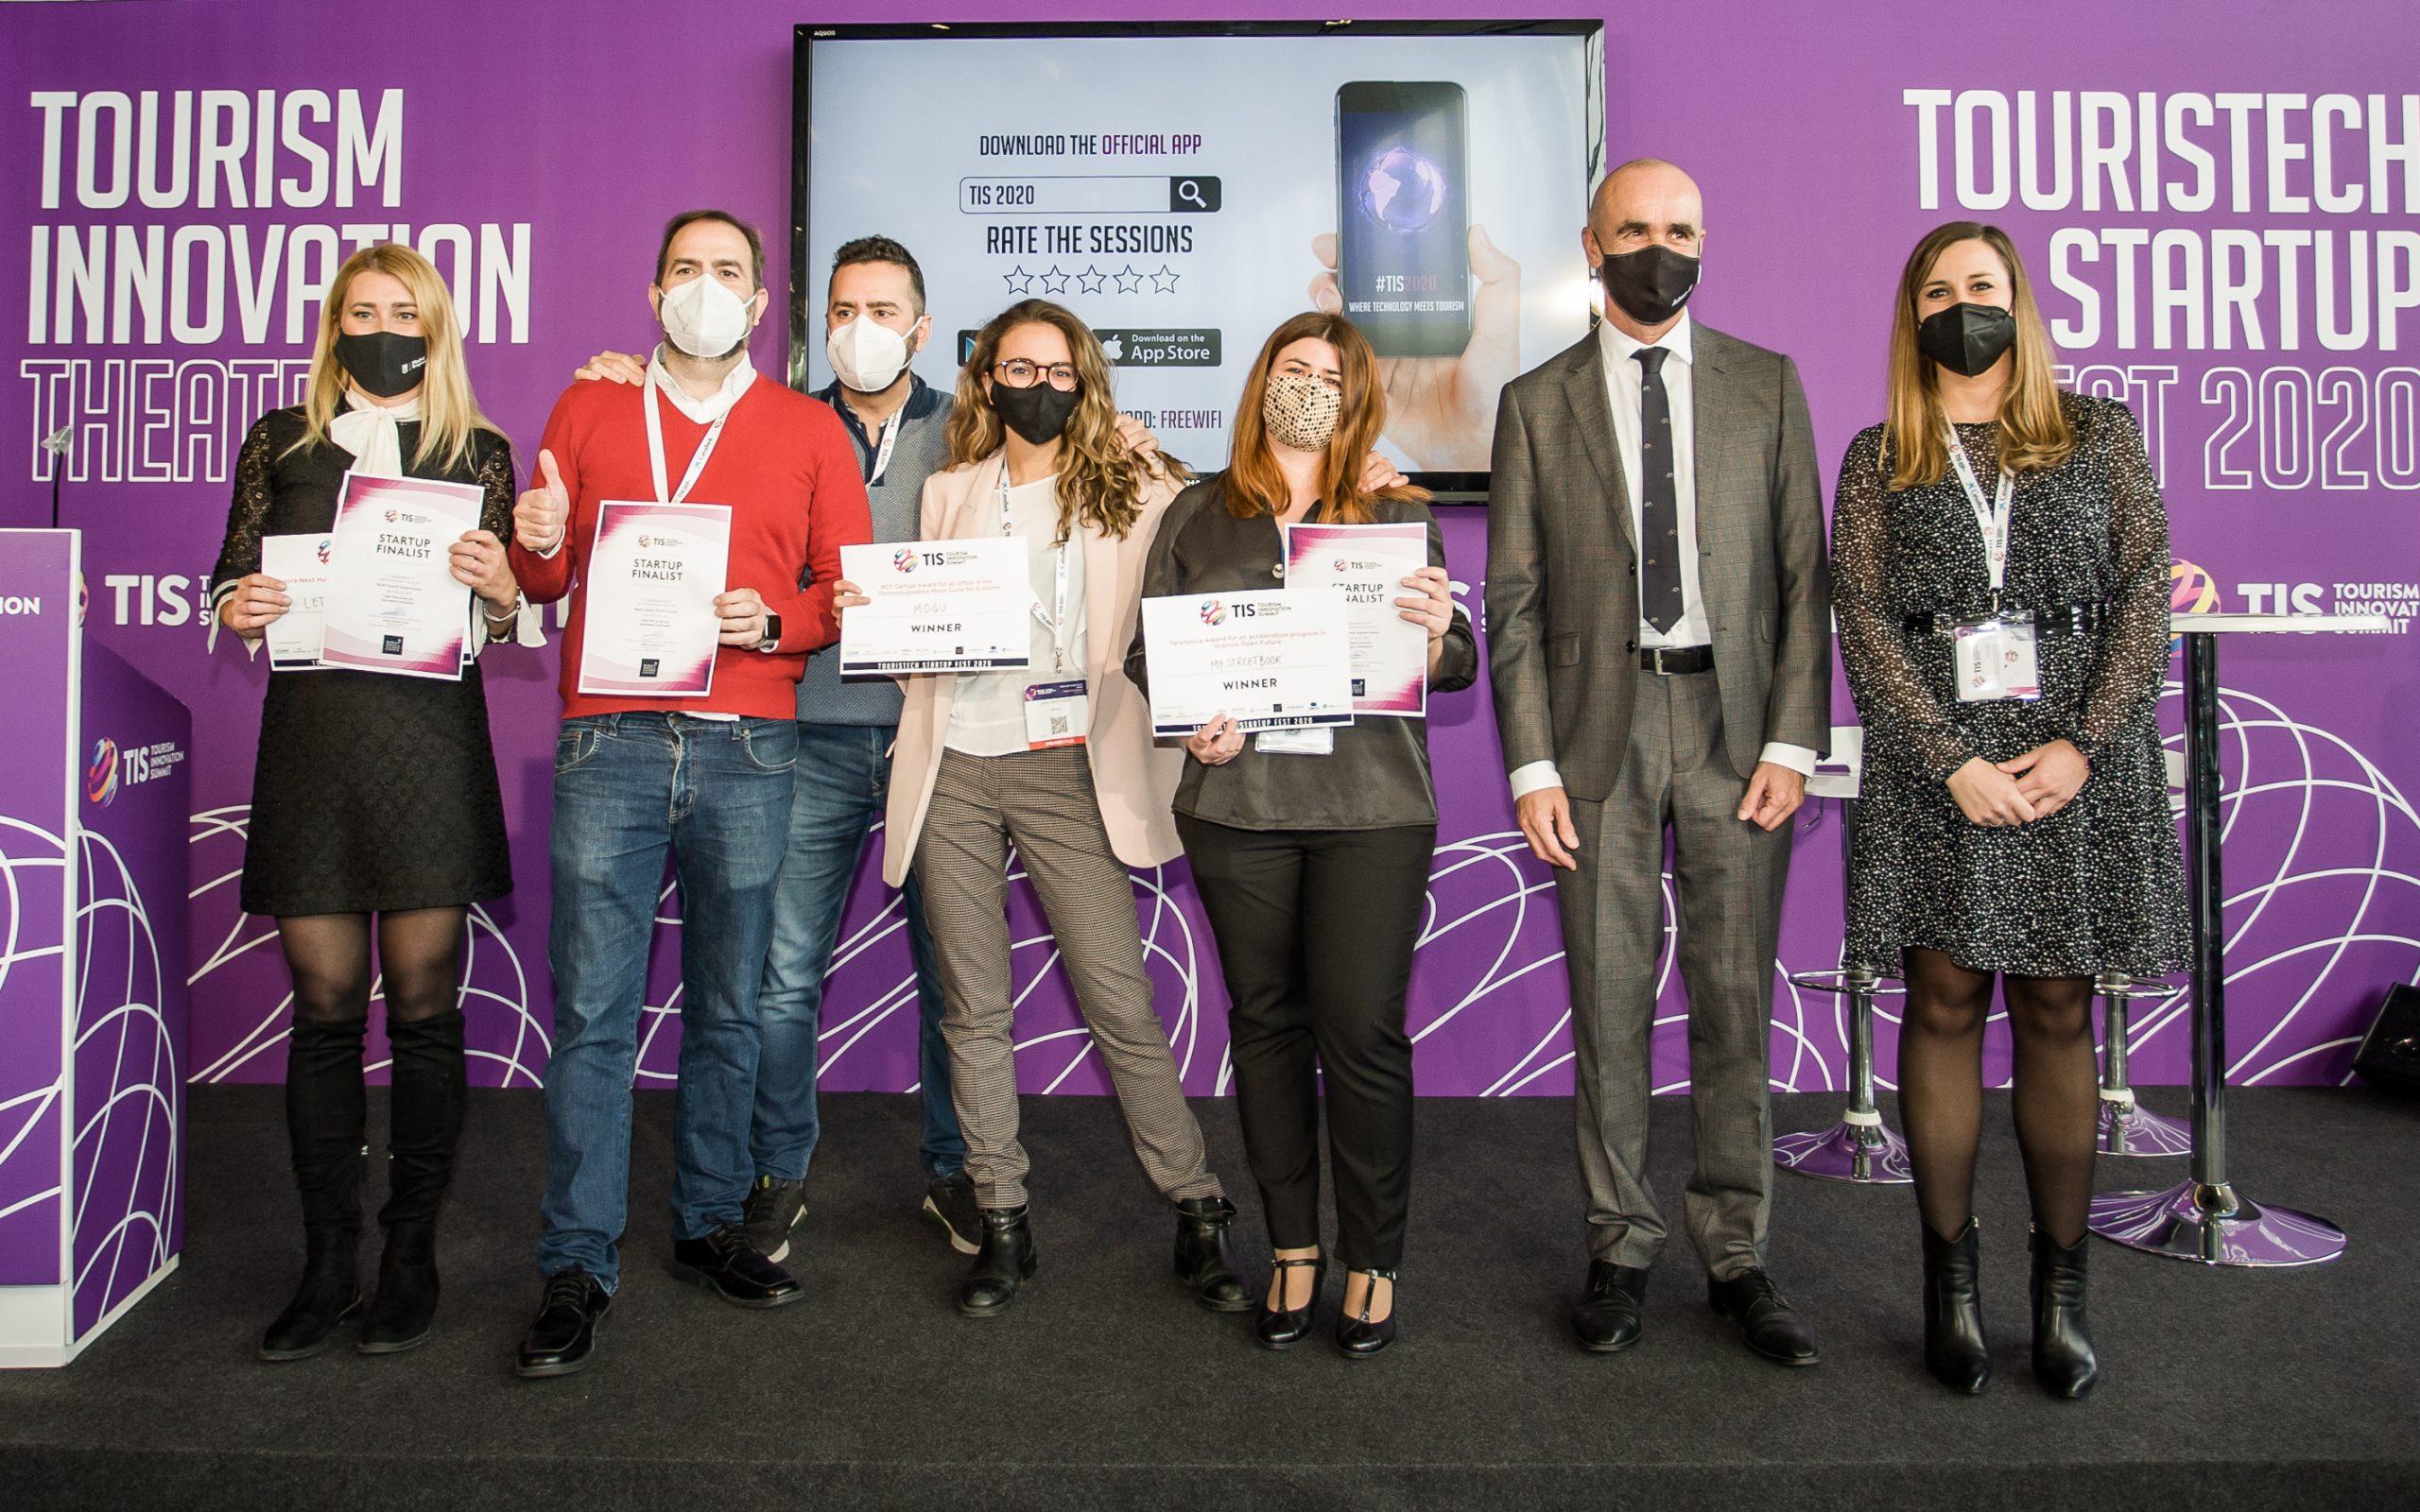 Sevilla reúne a las startups más innovadoras del sector turístico